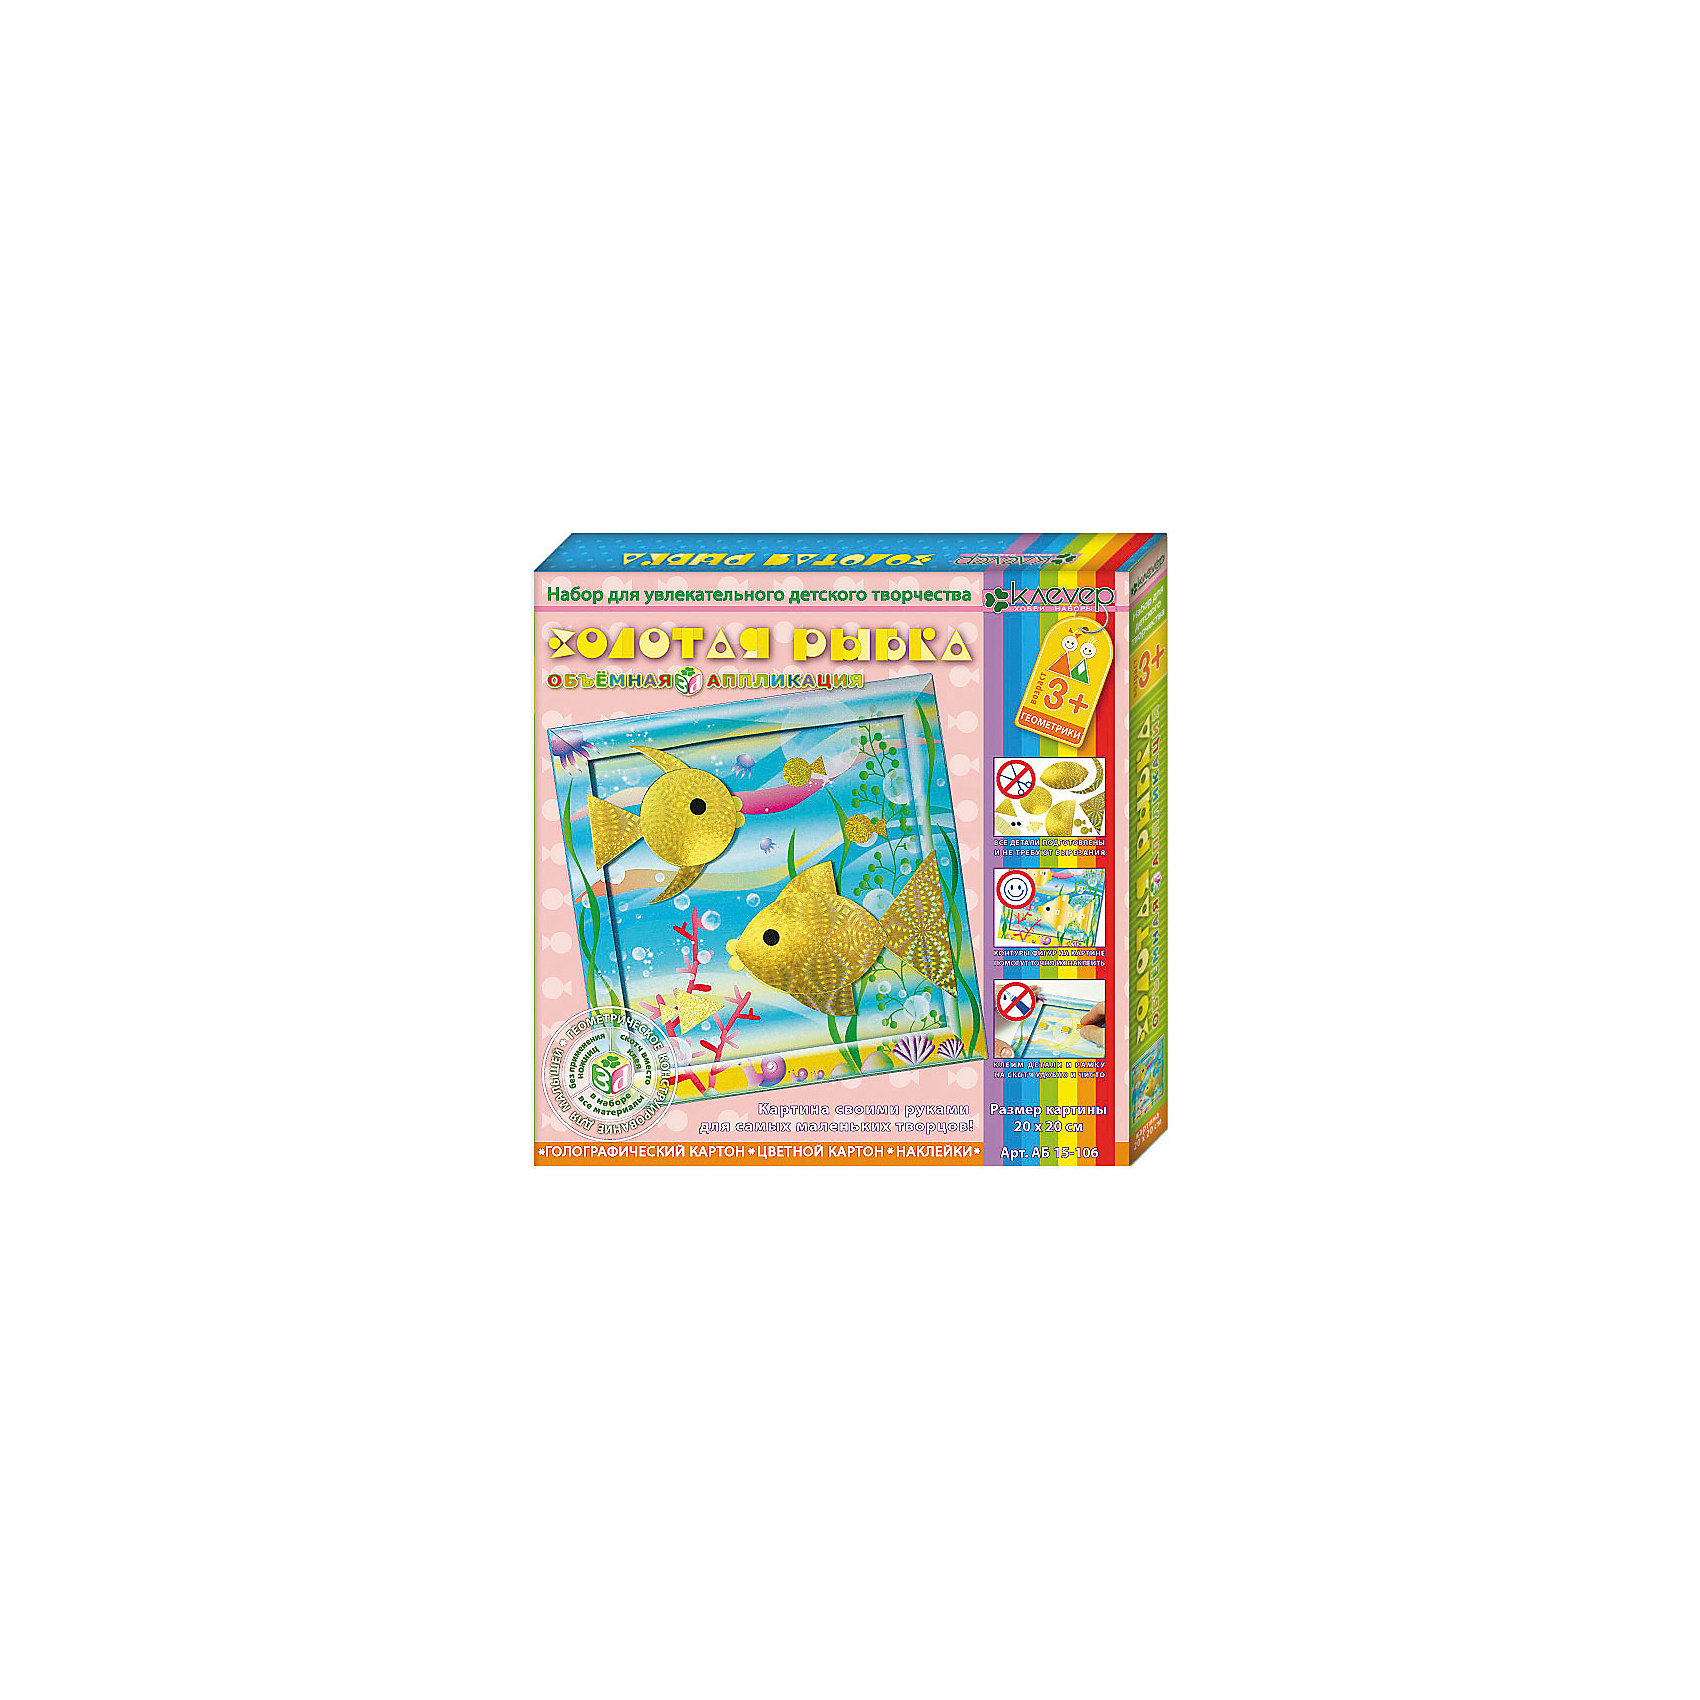 Набор для творчества Золотая рыбкаРукоделие<br>комплект геометрических фигур из золотого голографического картона, фигурные детали из золотой и голографической самоклейки, объёмный двусторонний скотч, картонная рамка с подставкой, пошаговая инструкция с фотографиями<br><br>Ширина мм: 210<br>Глубина мм: 210<br>Высота мм: 250<br>Вес г: 54<br>Возраст от месяцев: 36<br>Возраст до месяцев: 60<br>Пол: Унисекс<br>Возраст: Детский<br>SKU: 5541453